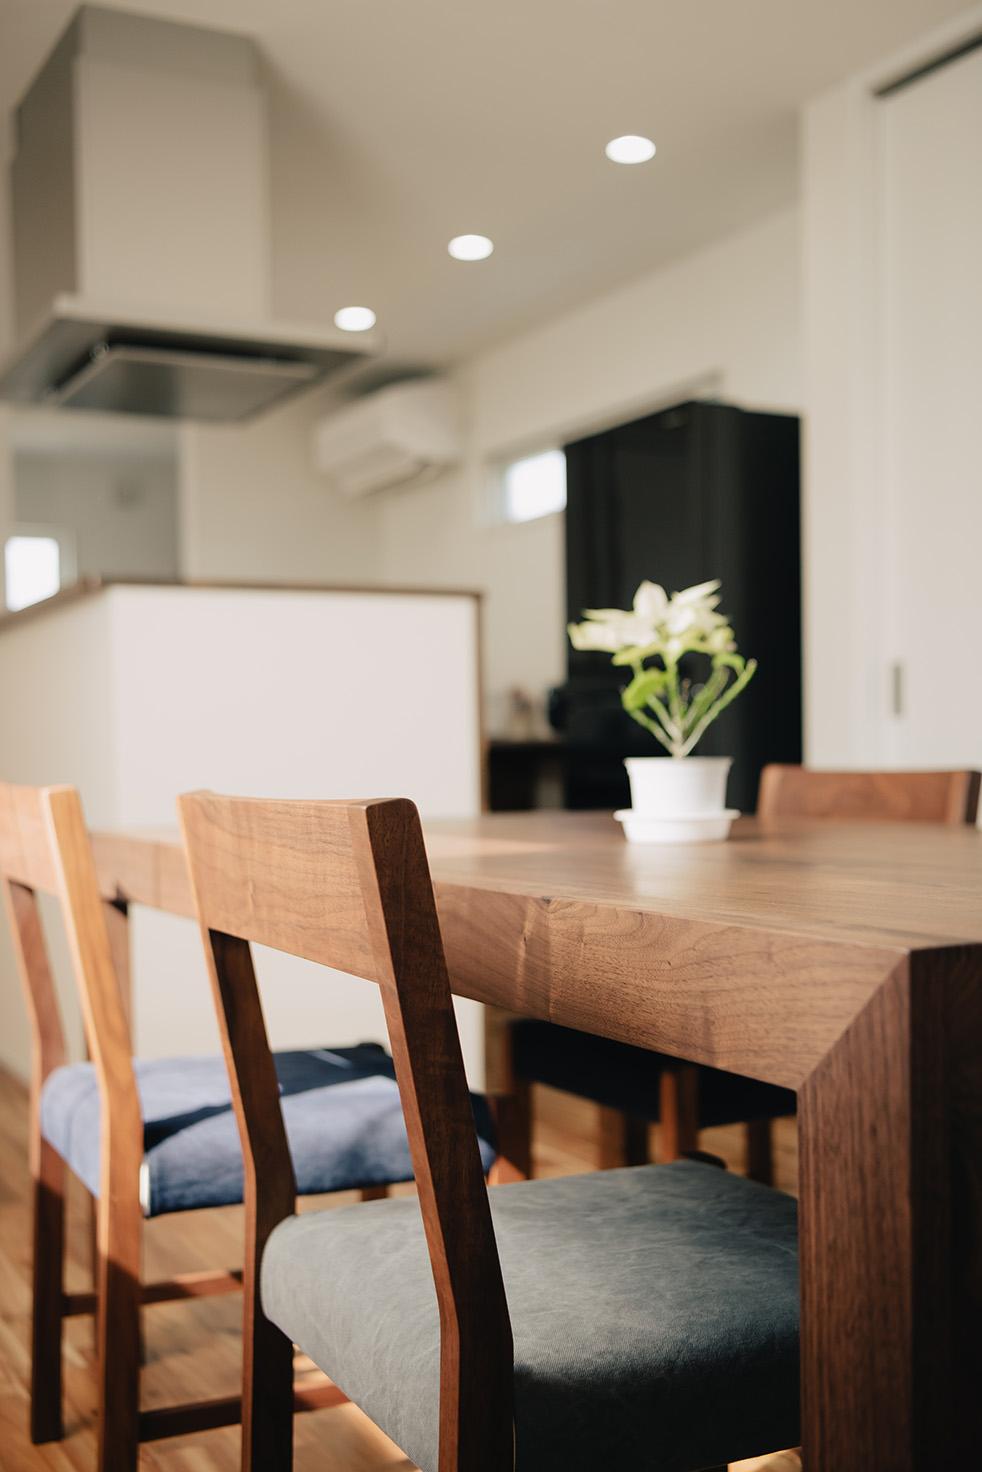 二世帯住宅 ダイニングテーブル